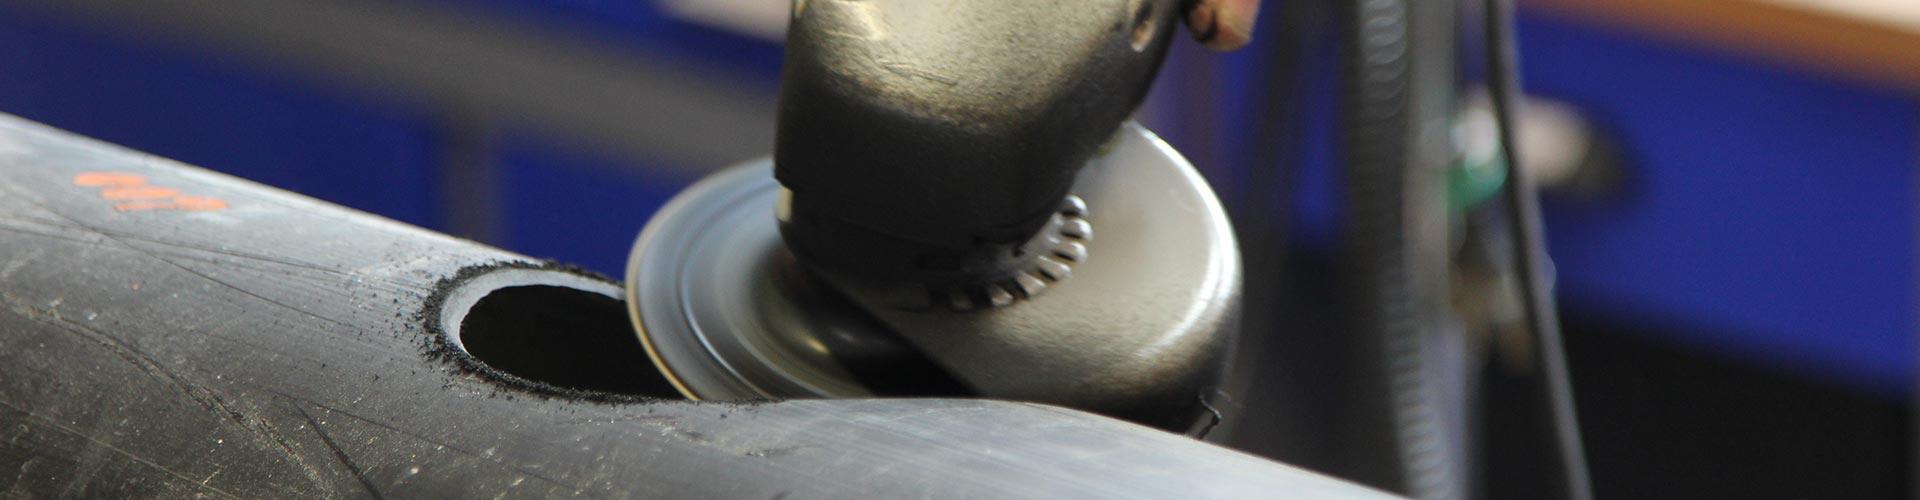 KMR Service GmbH - Formteilbau für Kunststoff